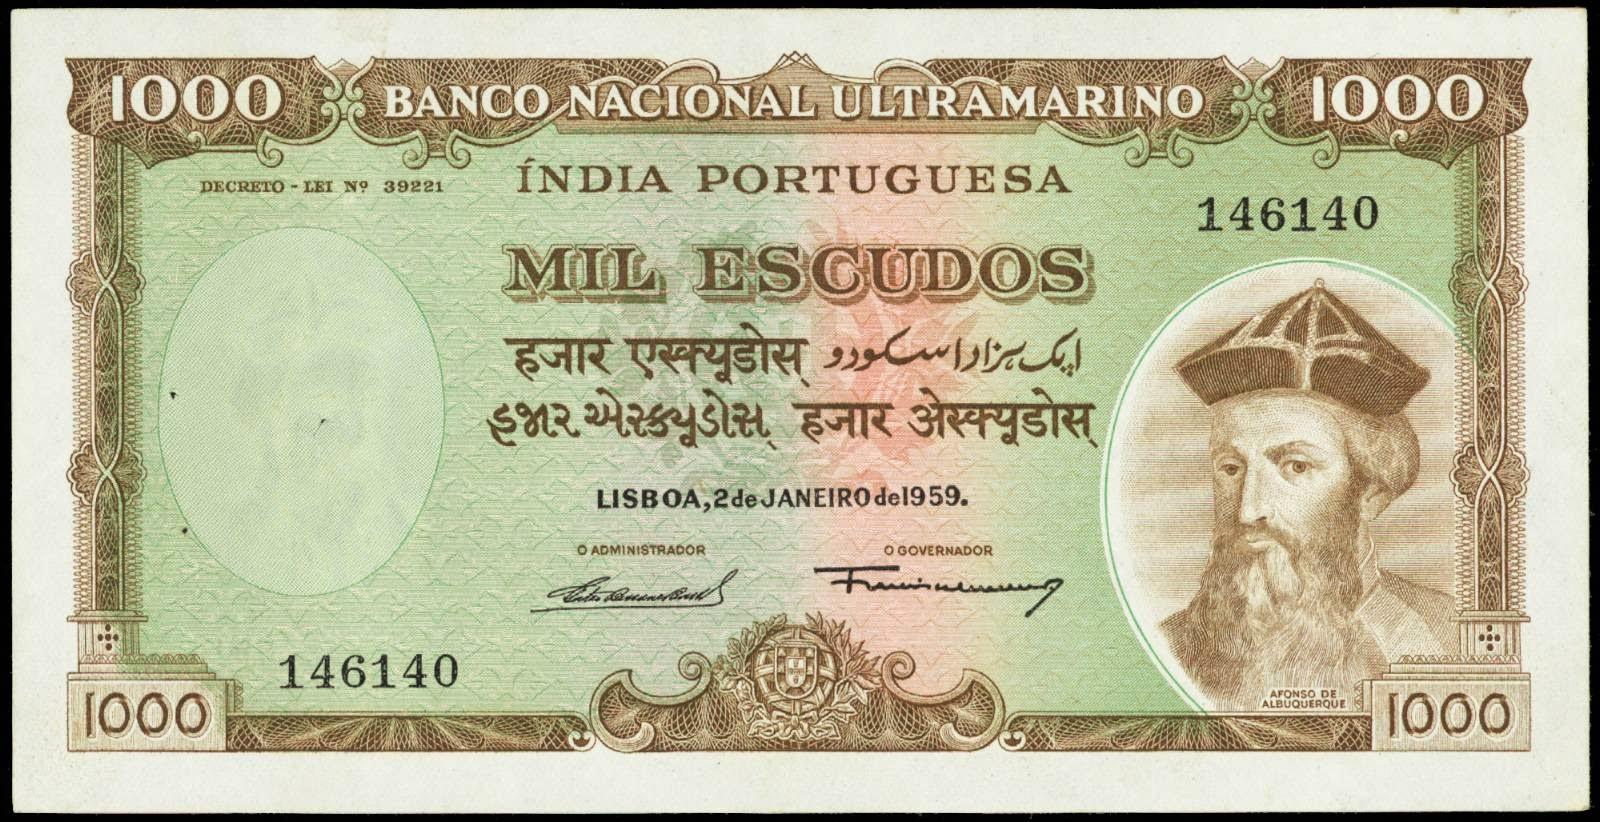 Portuguese India banknotes 1000 Escudos note 1959 Banco Nacional Ultramarino Albuquerque